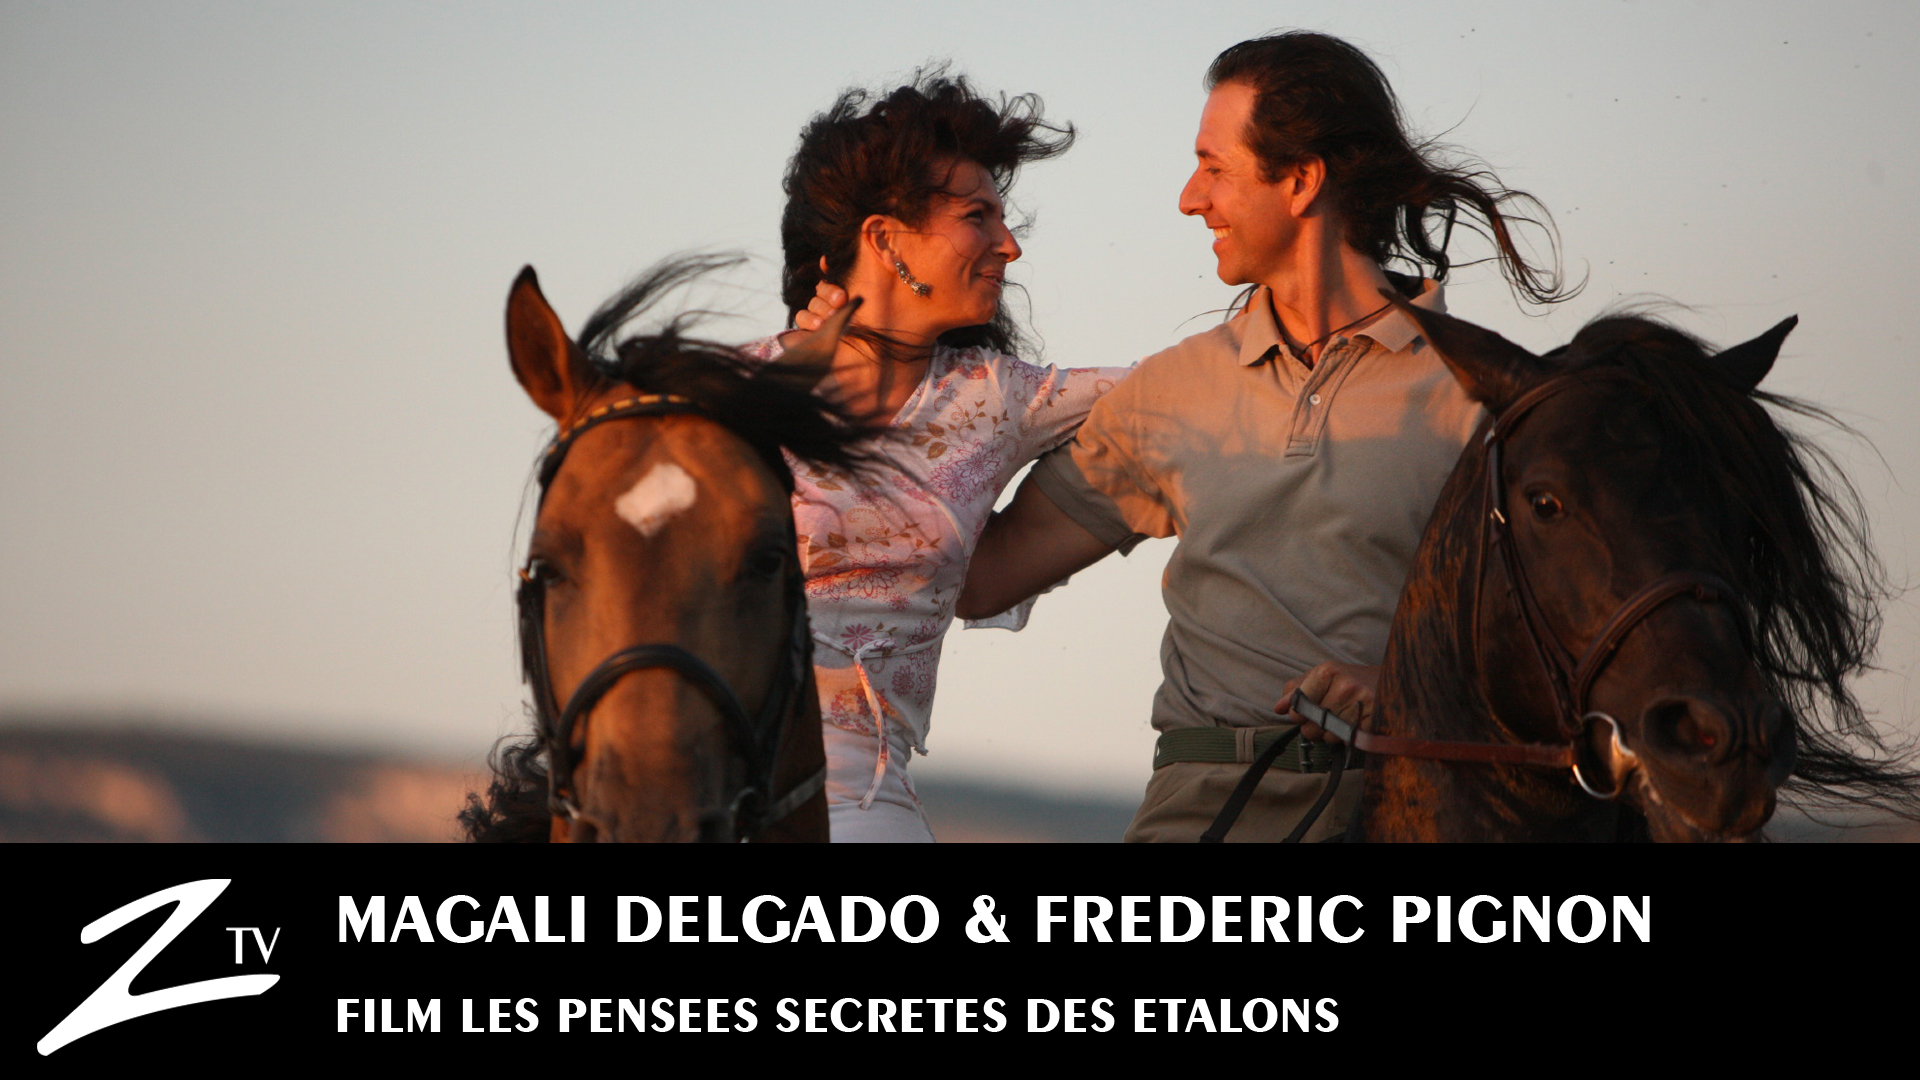 Frédéric Pignon & Magali Delgado